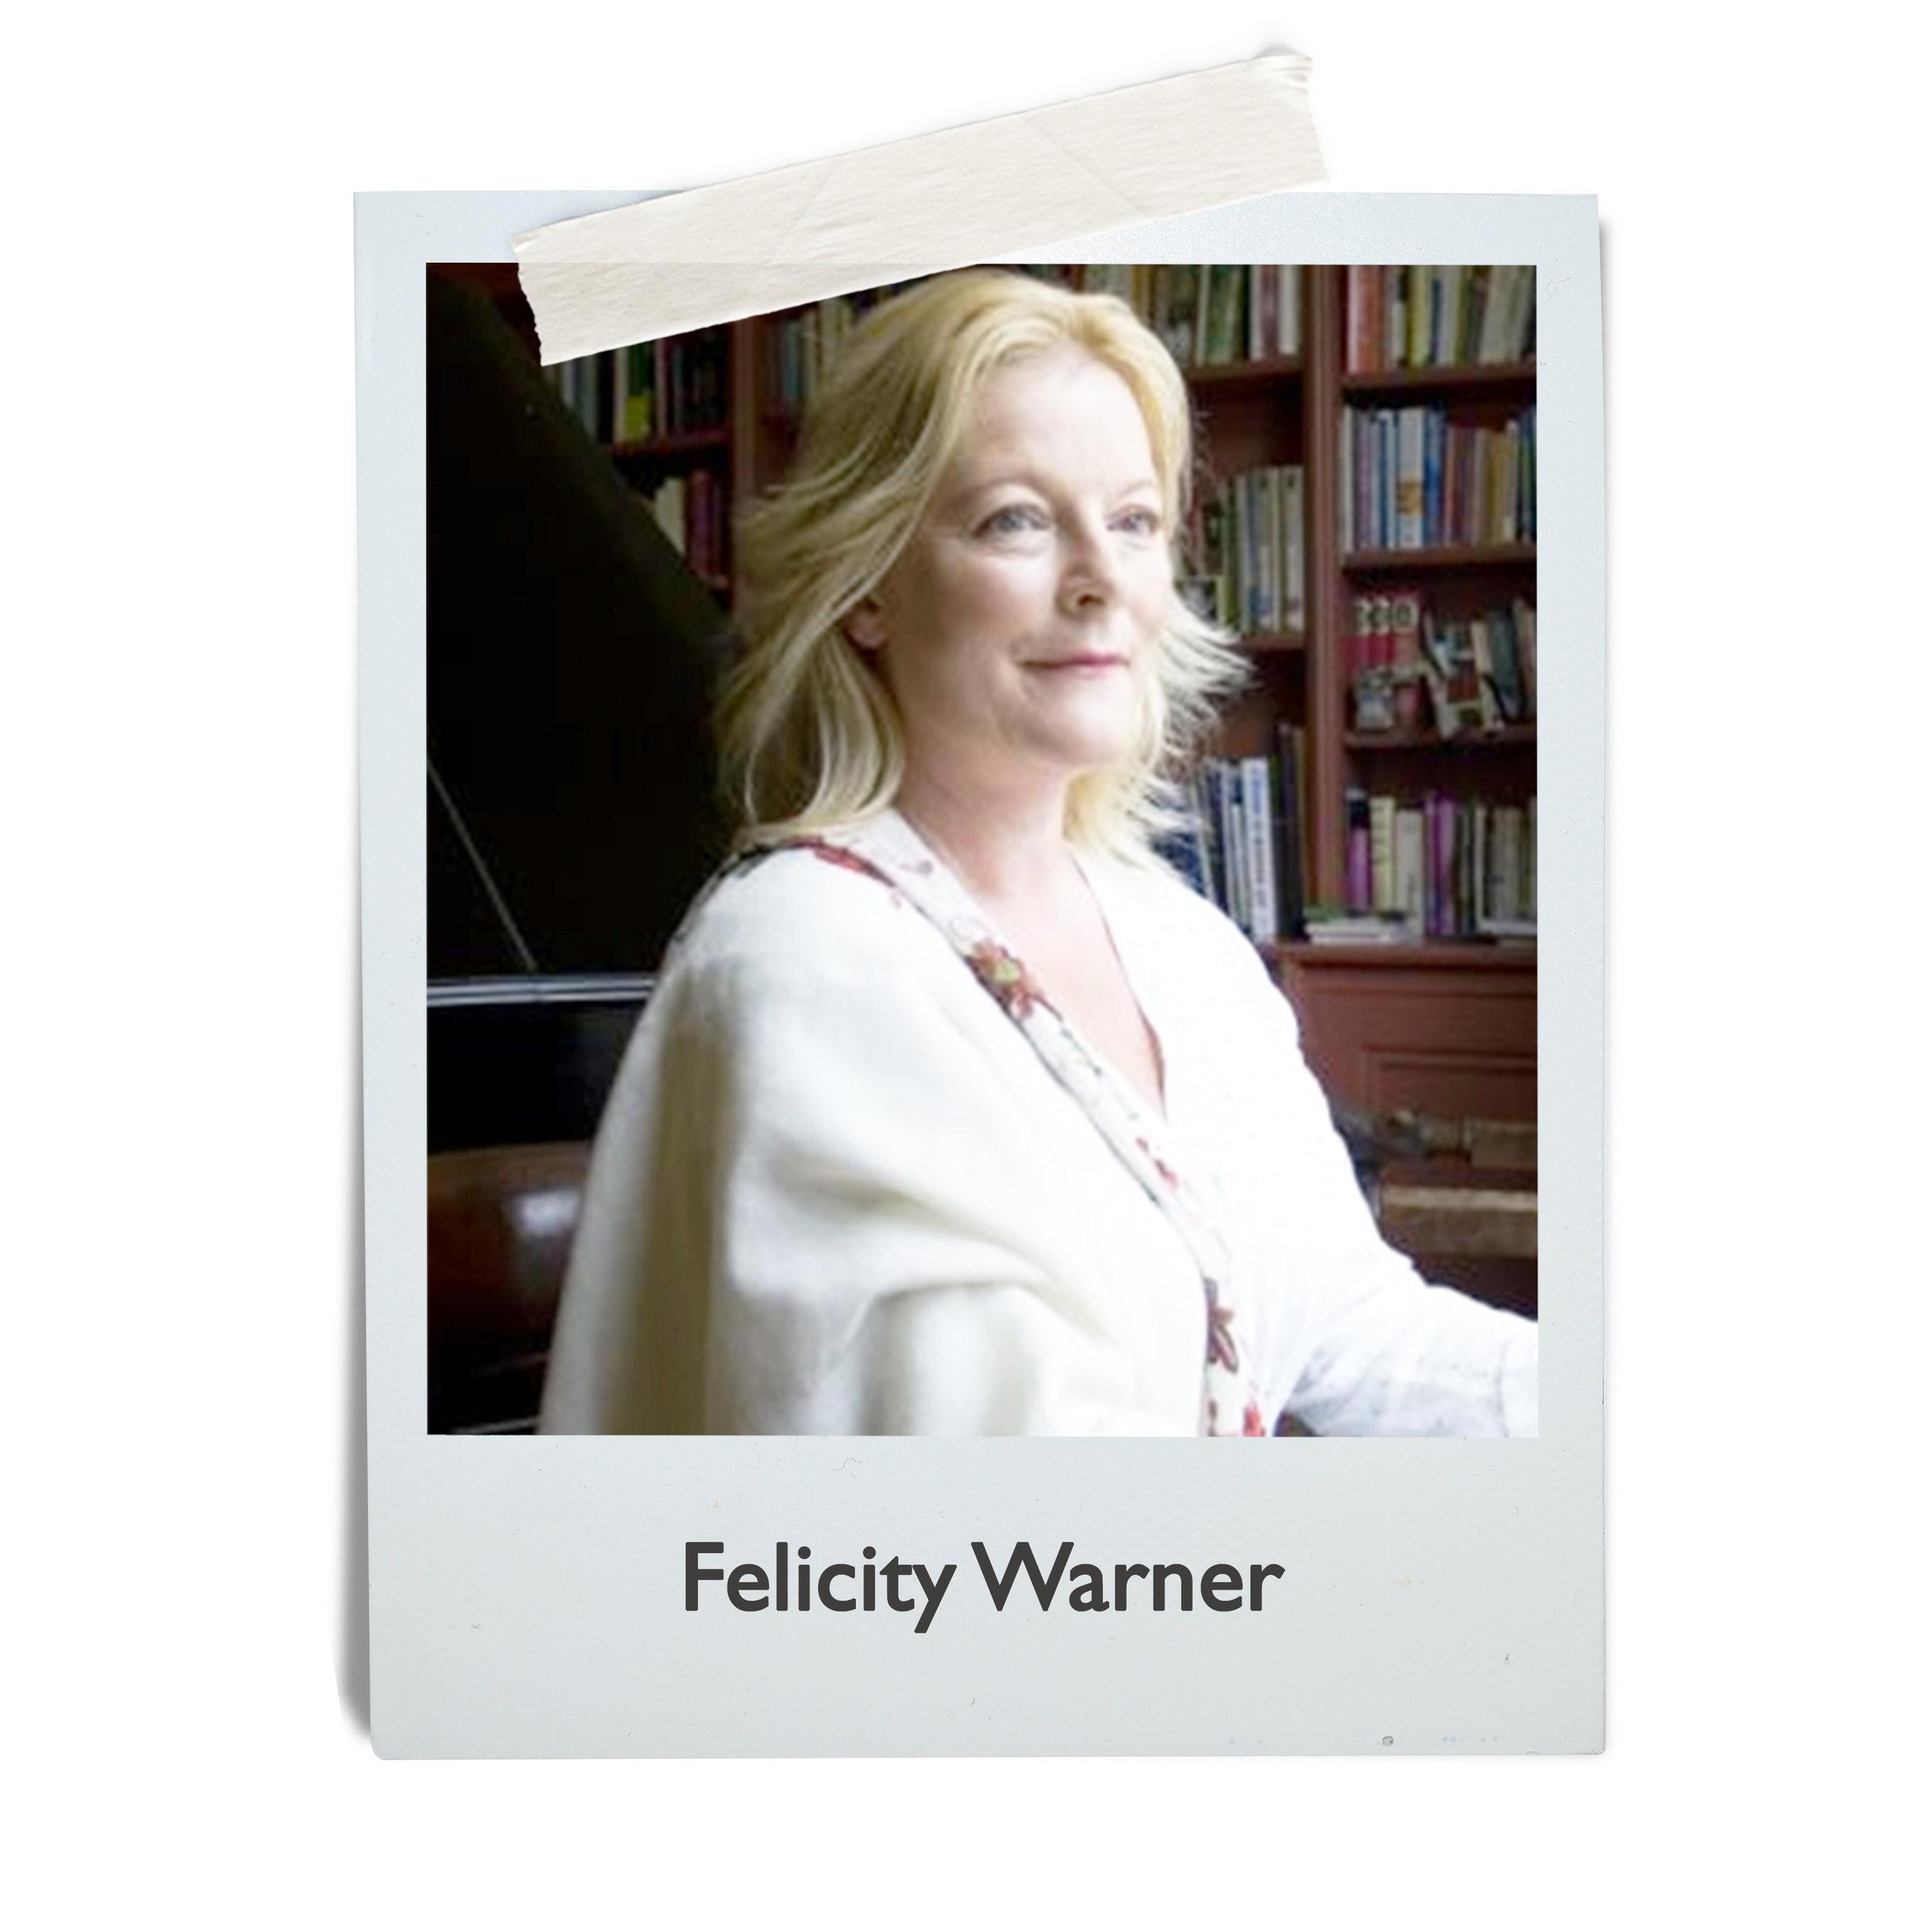 Felicity Warner